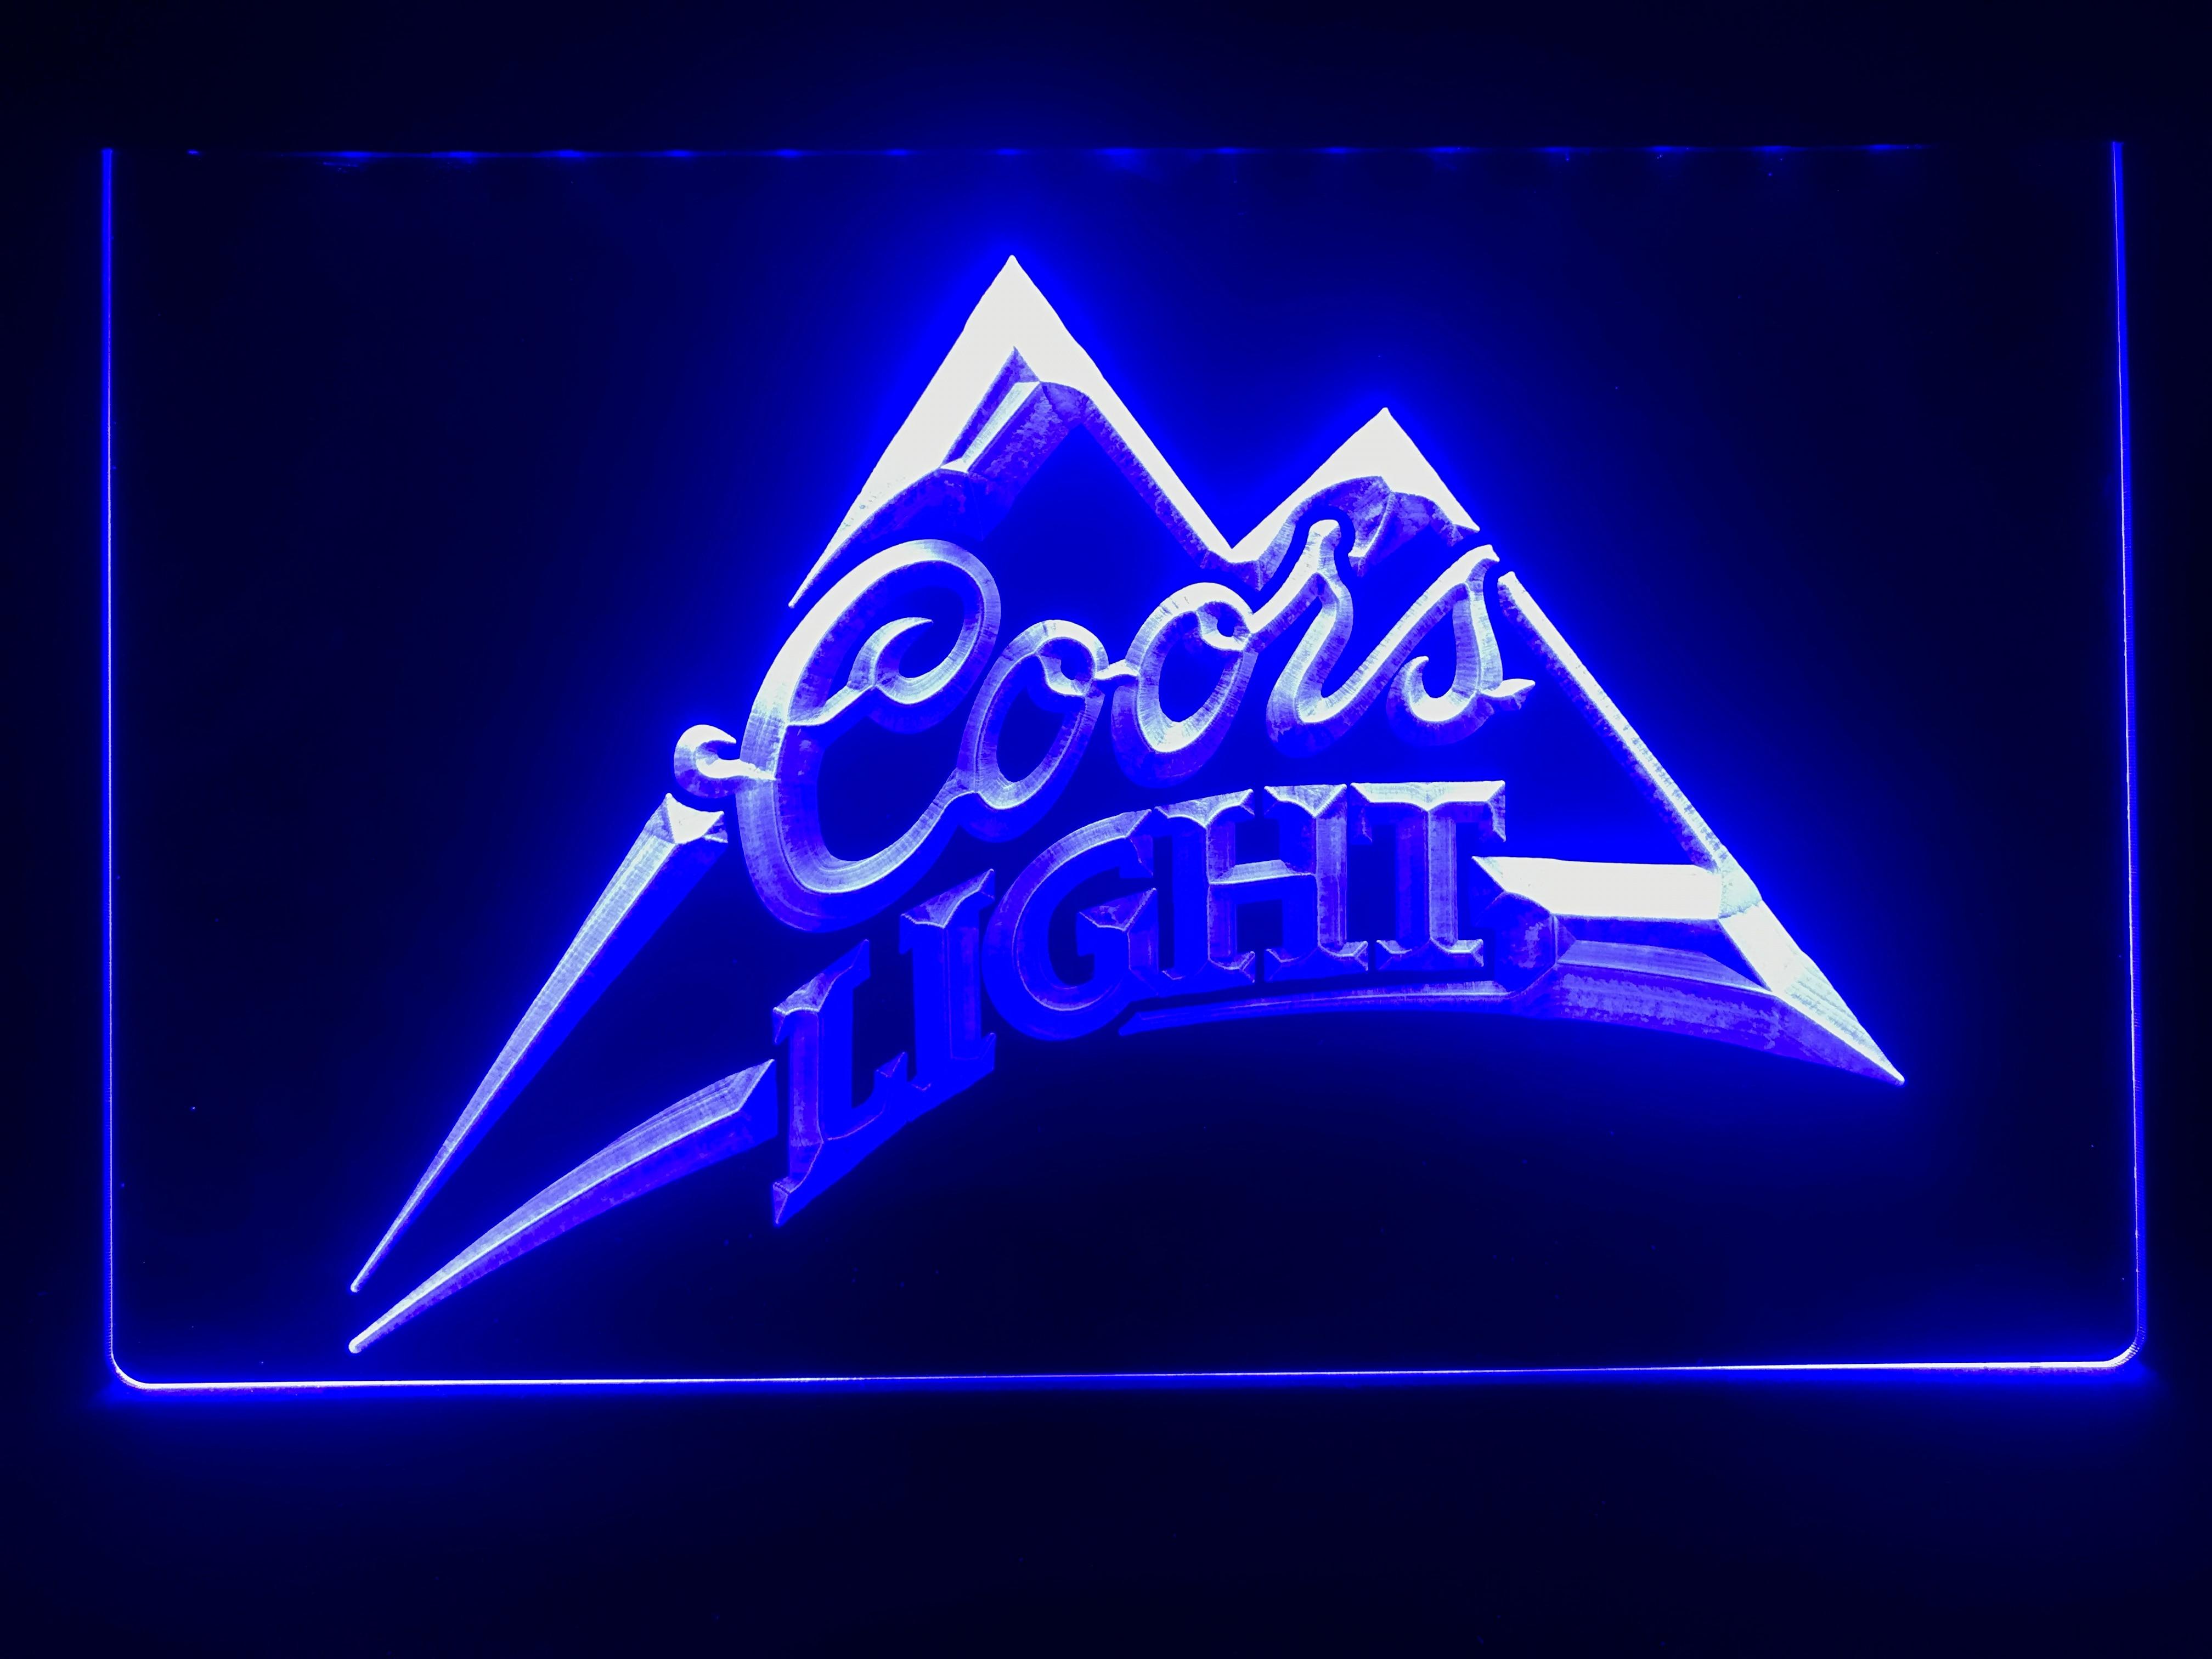 004-светлый пиво Coors Бар Паб логотип светодиодный неоновый знак